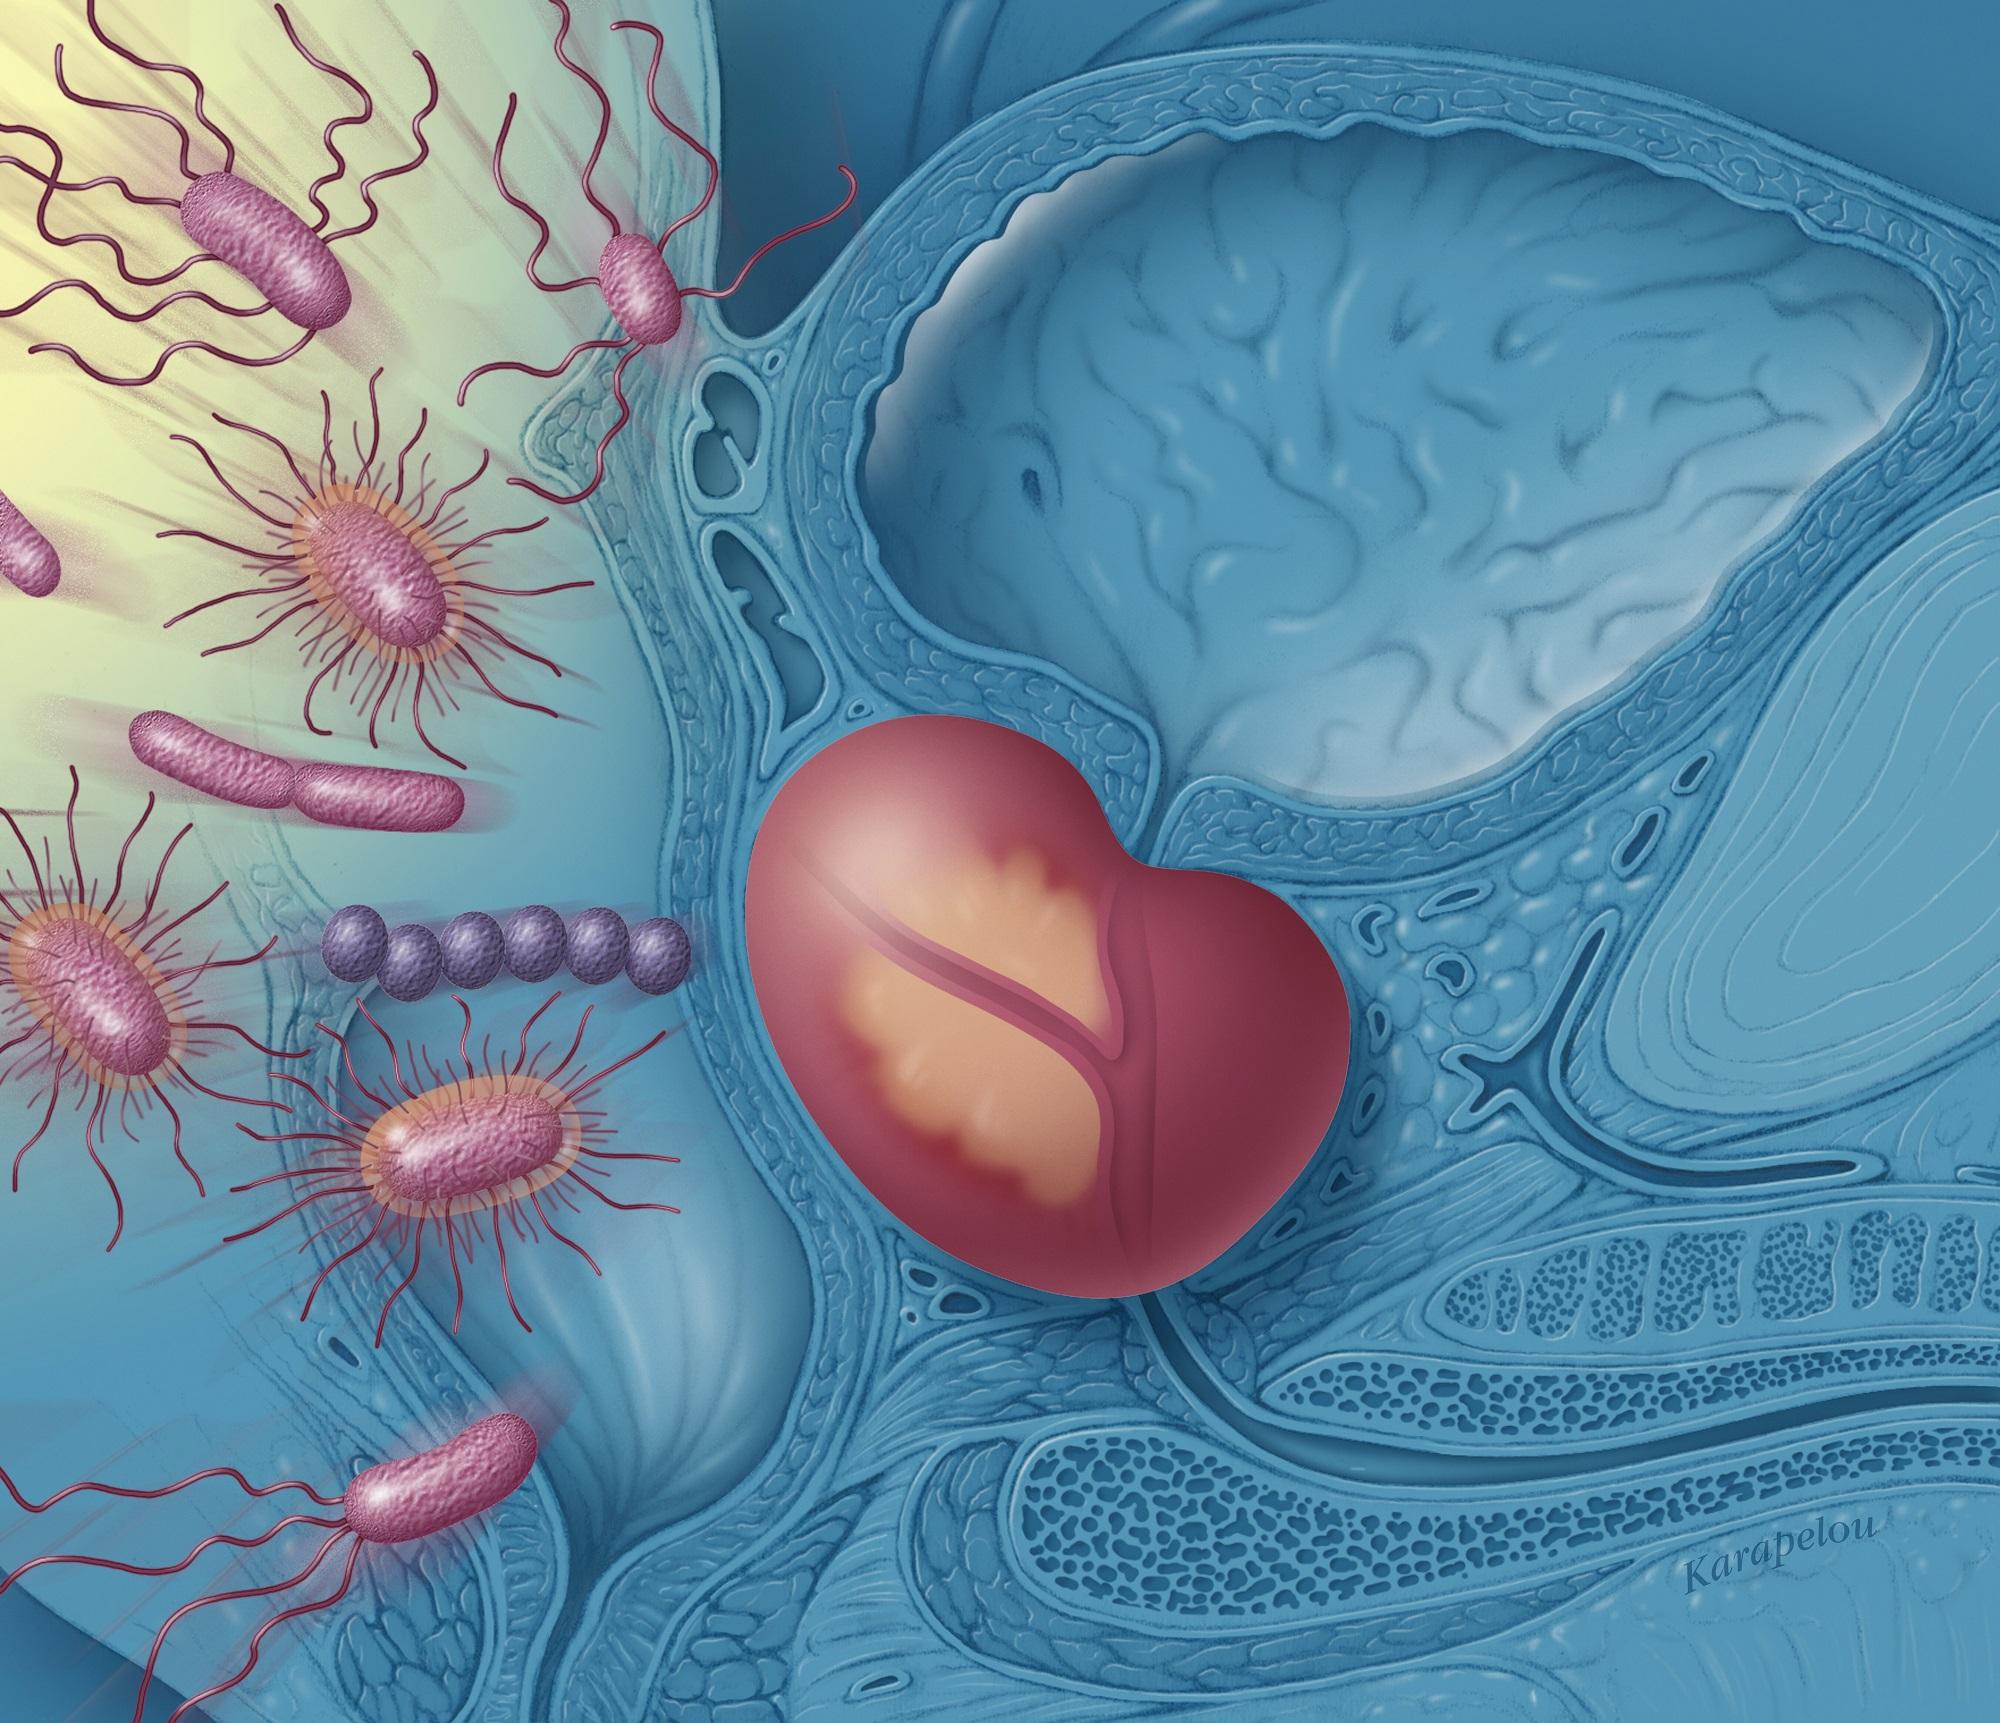 Simptomele bolilor inflamatorii intestinale și efectul lor asupra vieții sexuale